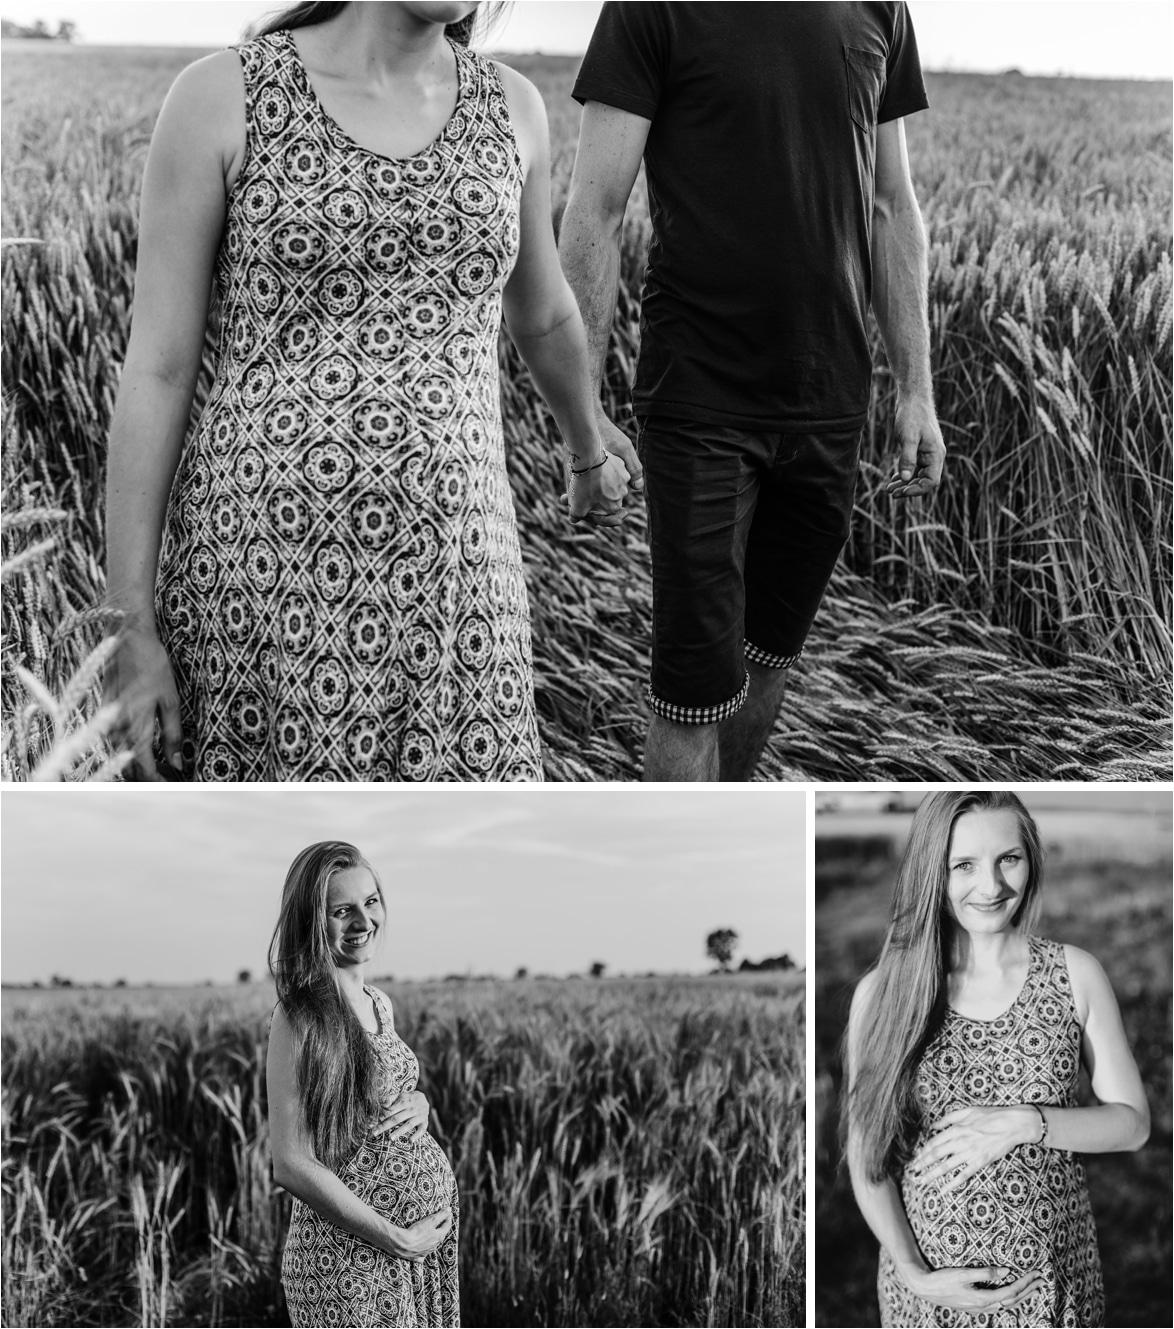 sesja brzuszkowa, brzuszek, z bliska, fotografia lifestyle, lifestyle fotografia, fotograf rodzinny